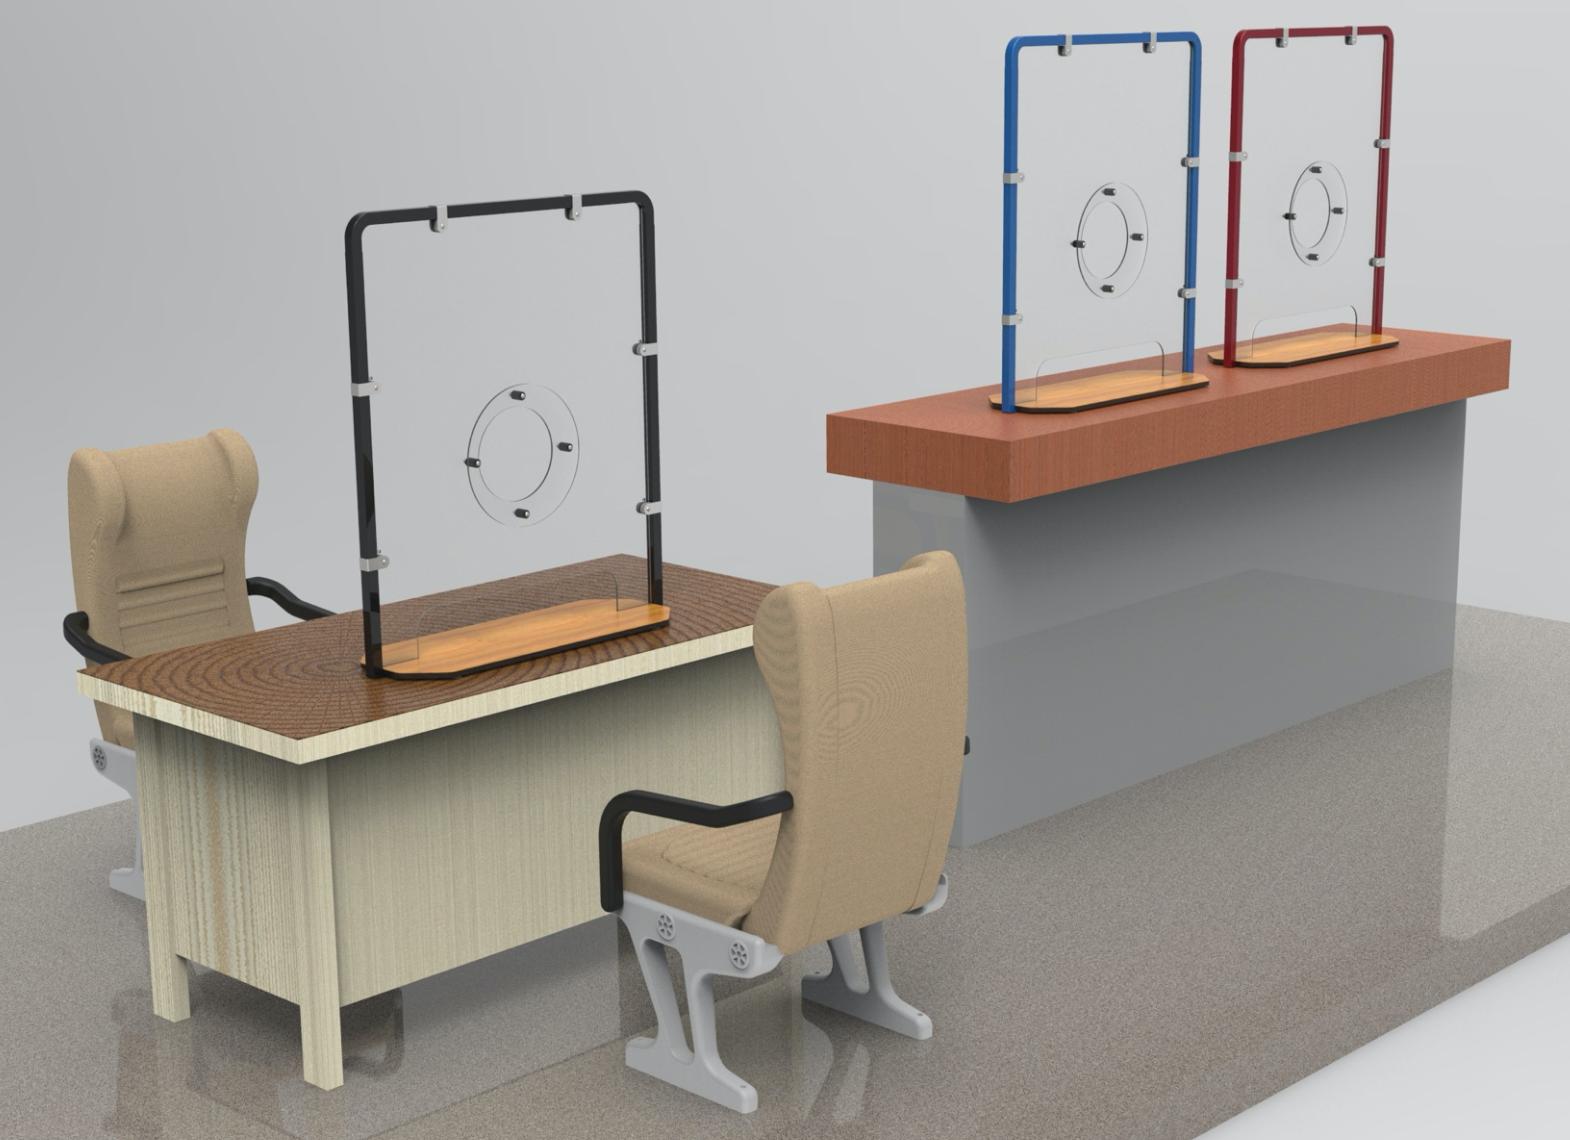 Des panneaux de plexiglas de qualité pour sécuriser vos espaces